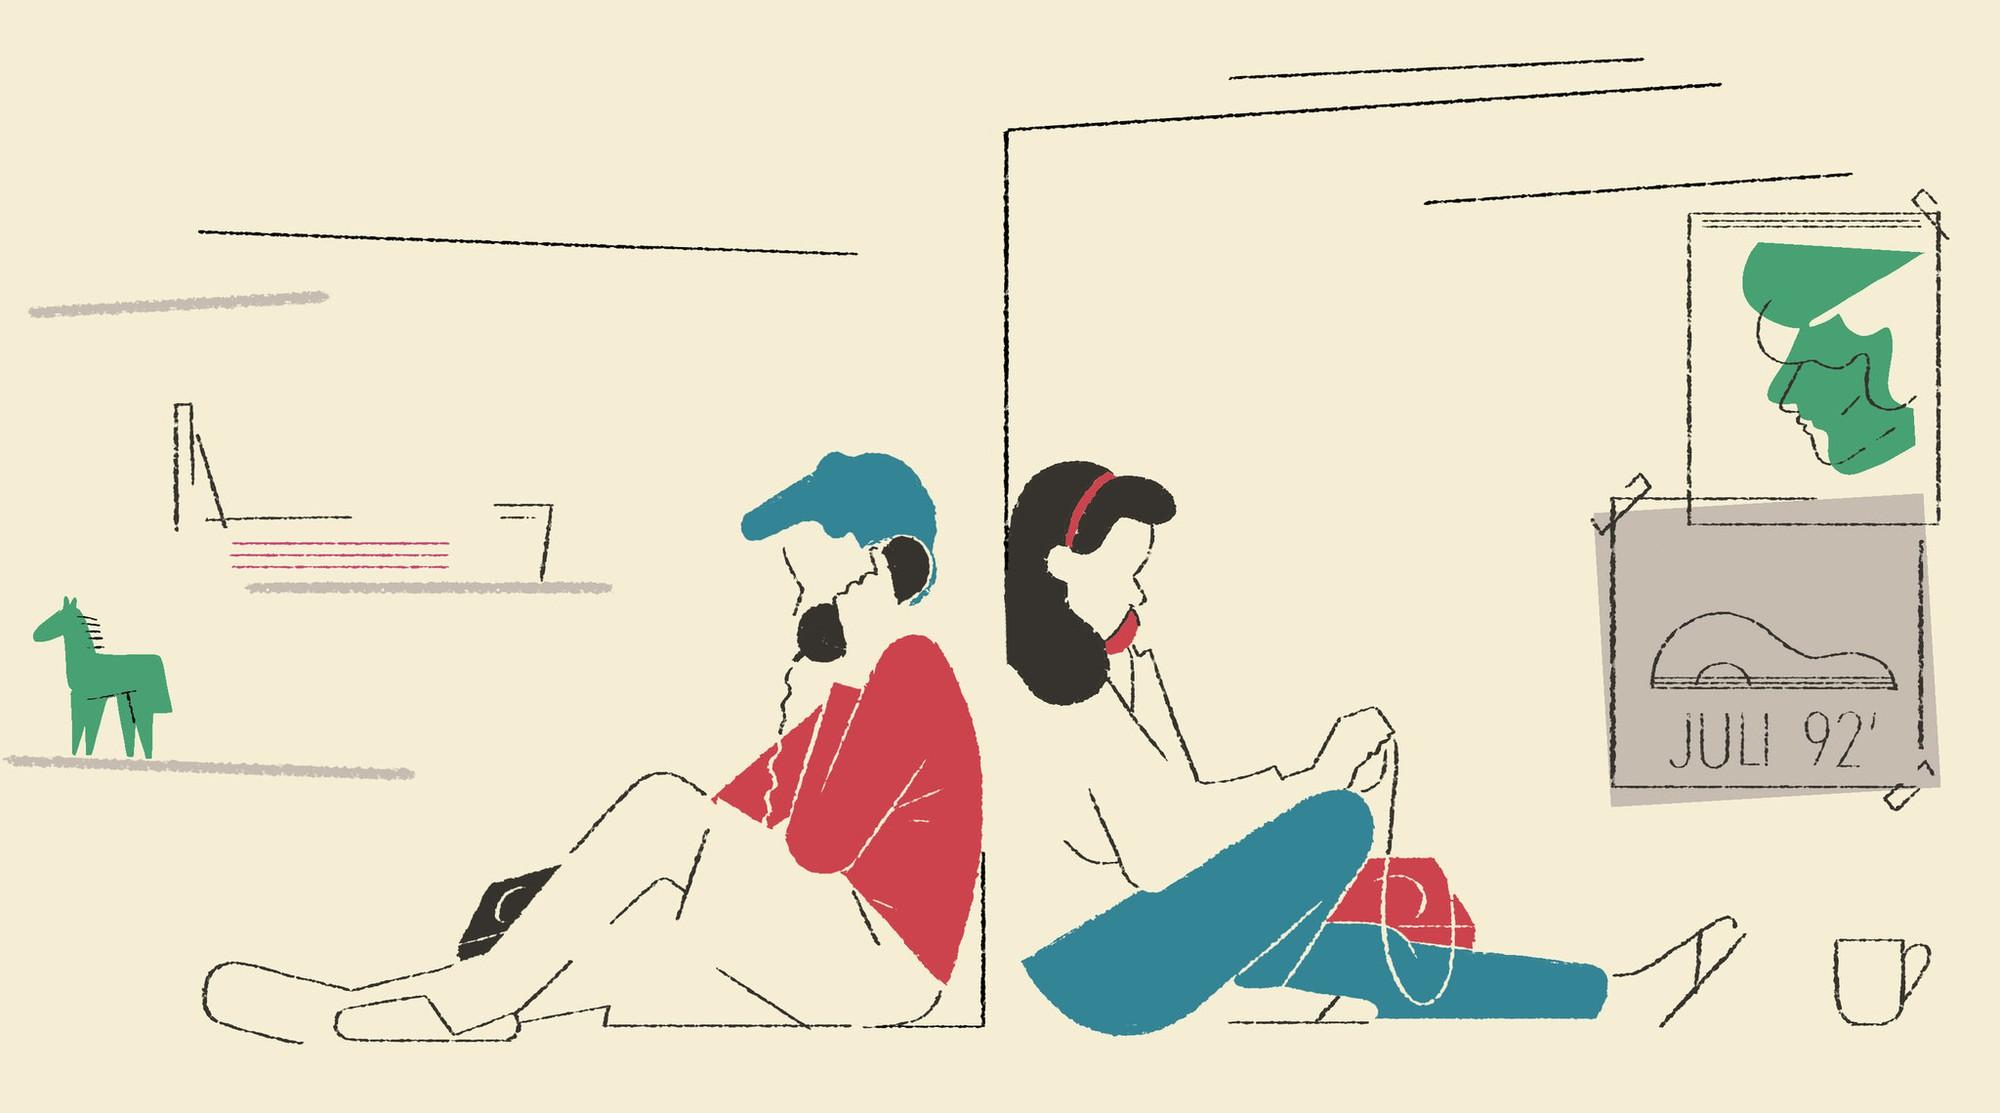 Chồng tôi mặc chiếc quần đùi bó chẽn rực lửa đi ngắm nhật thực - Câu chuyện cho thấy chúng ta đã quá để ý đến suy nghĩ của người khác mà quên đi điều quan trọng thực sự là gì - Ảnh 6.